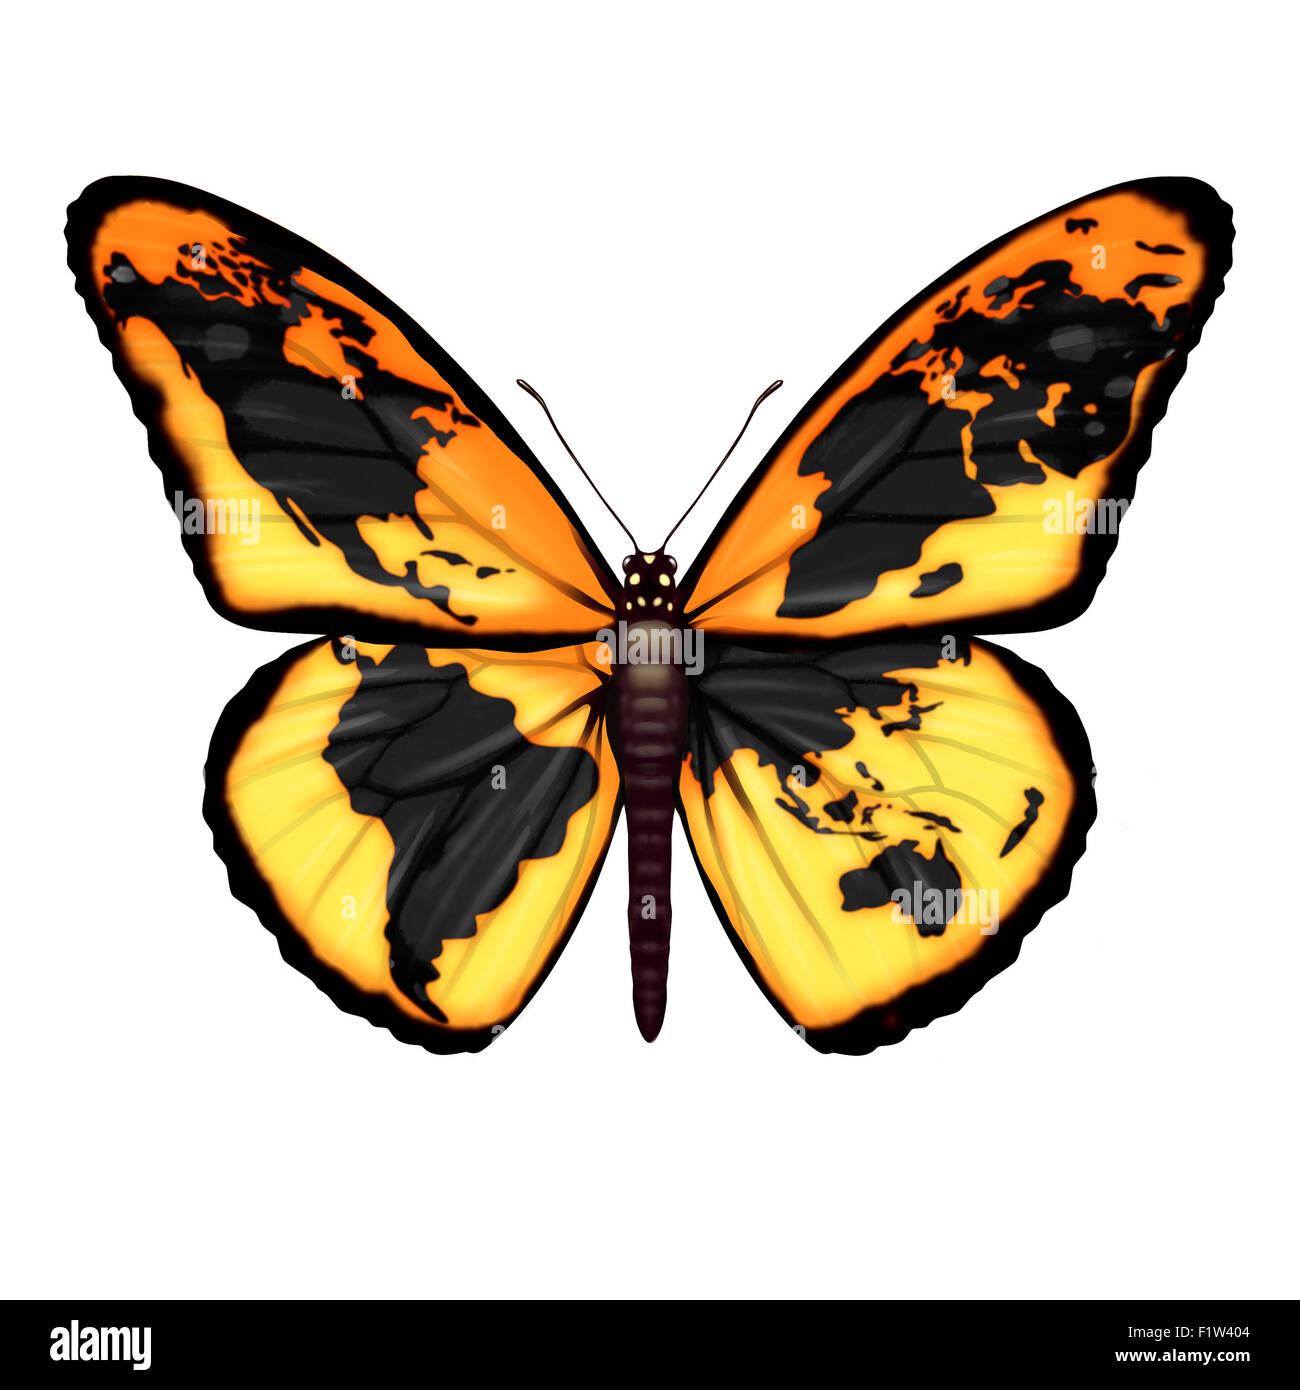 Globale Schmetterling-Symbol für die Umwelt oder Migrant Flüchtlingskrise Flucht in die Freiheit aus Krisengebieten Stockbild